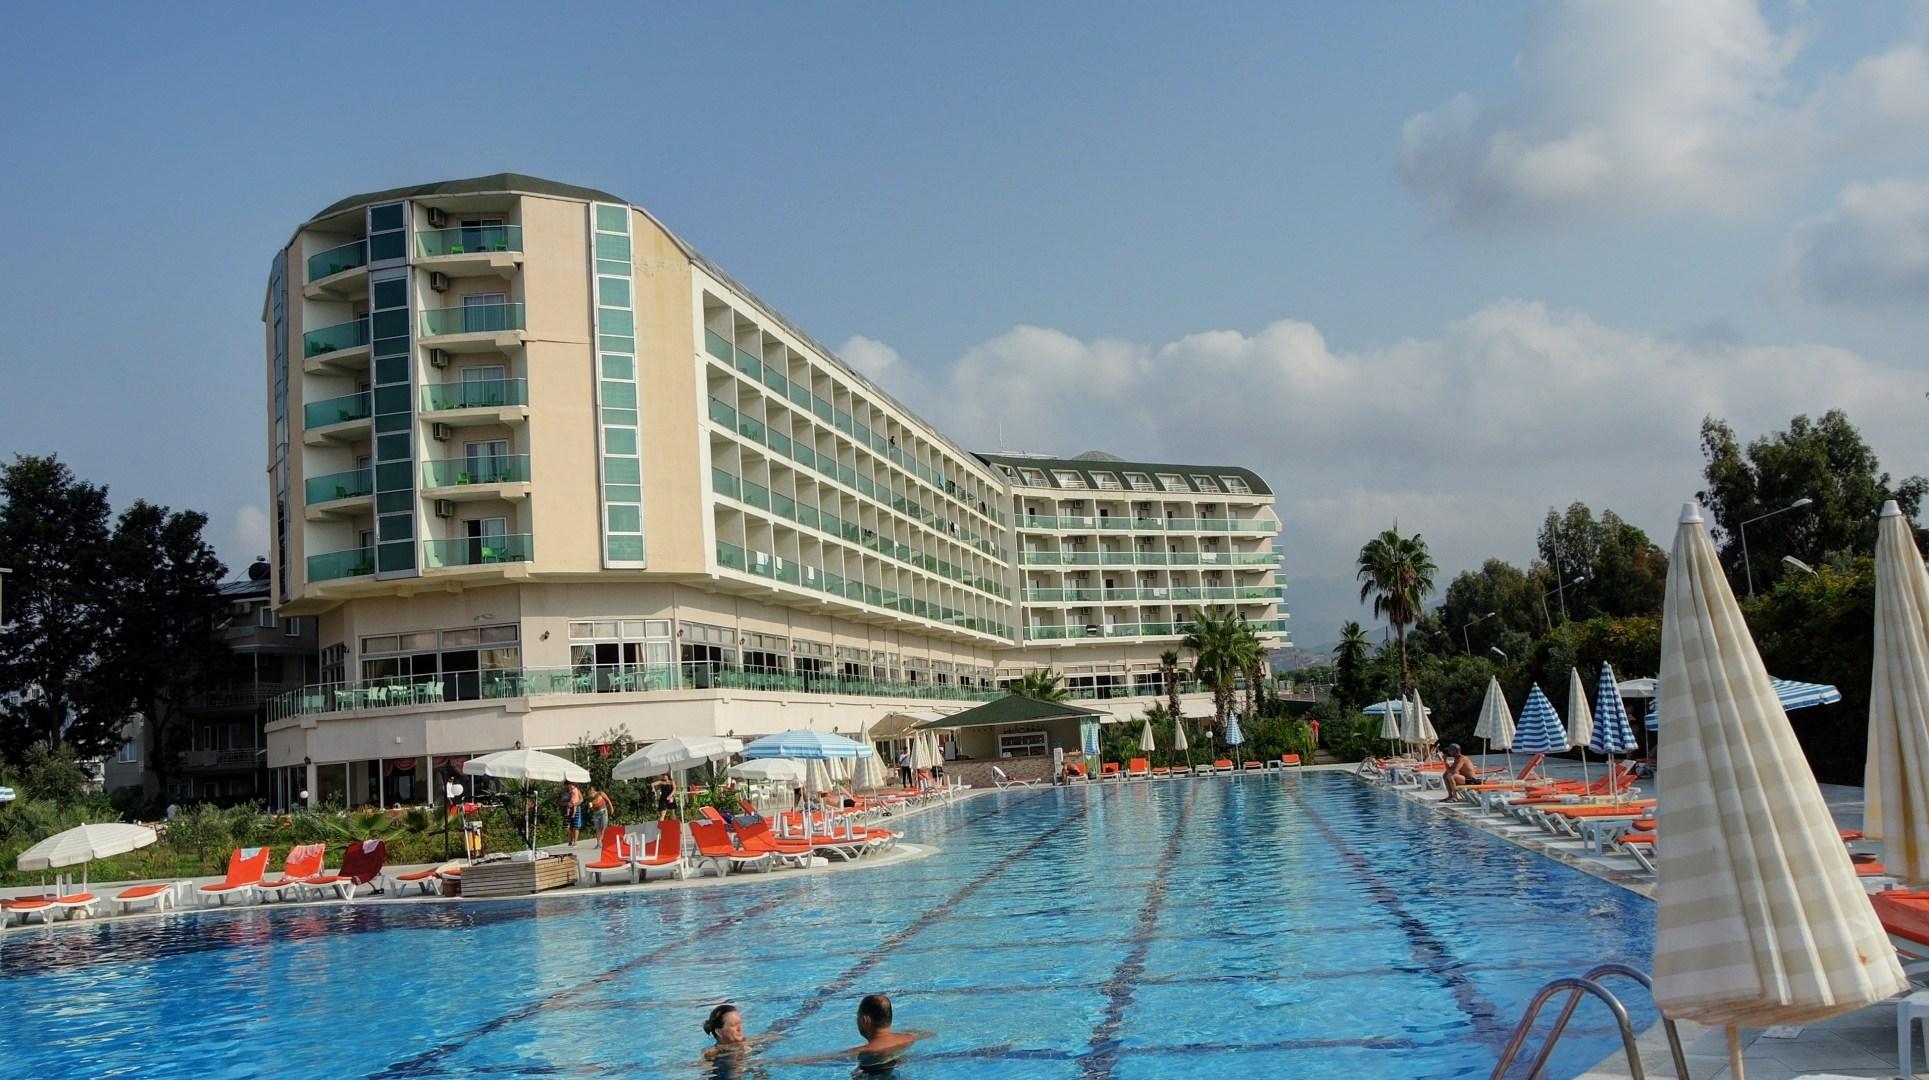 Hedef beach resort spa 5